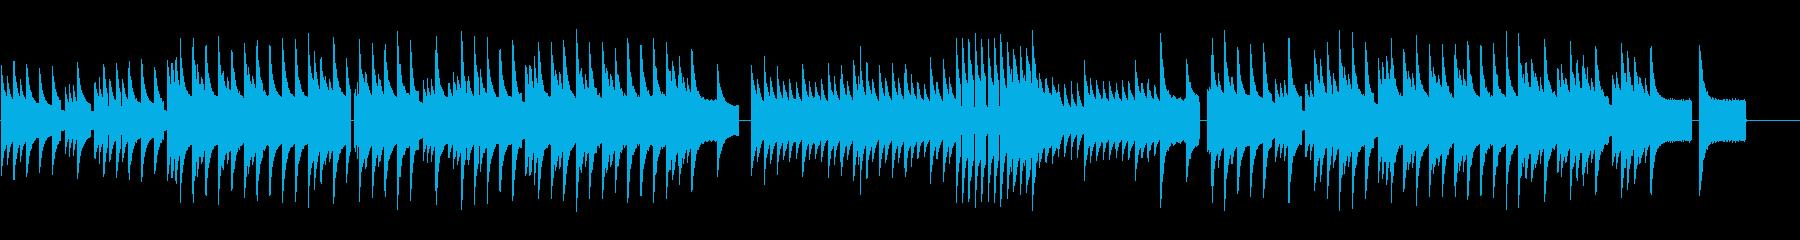 レトロゲームのRPGの様なチップチューンの再生済みの波形